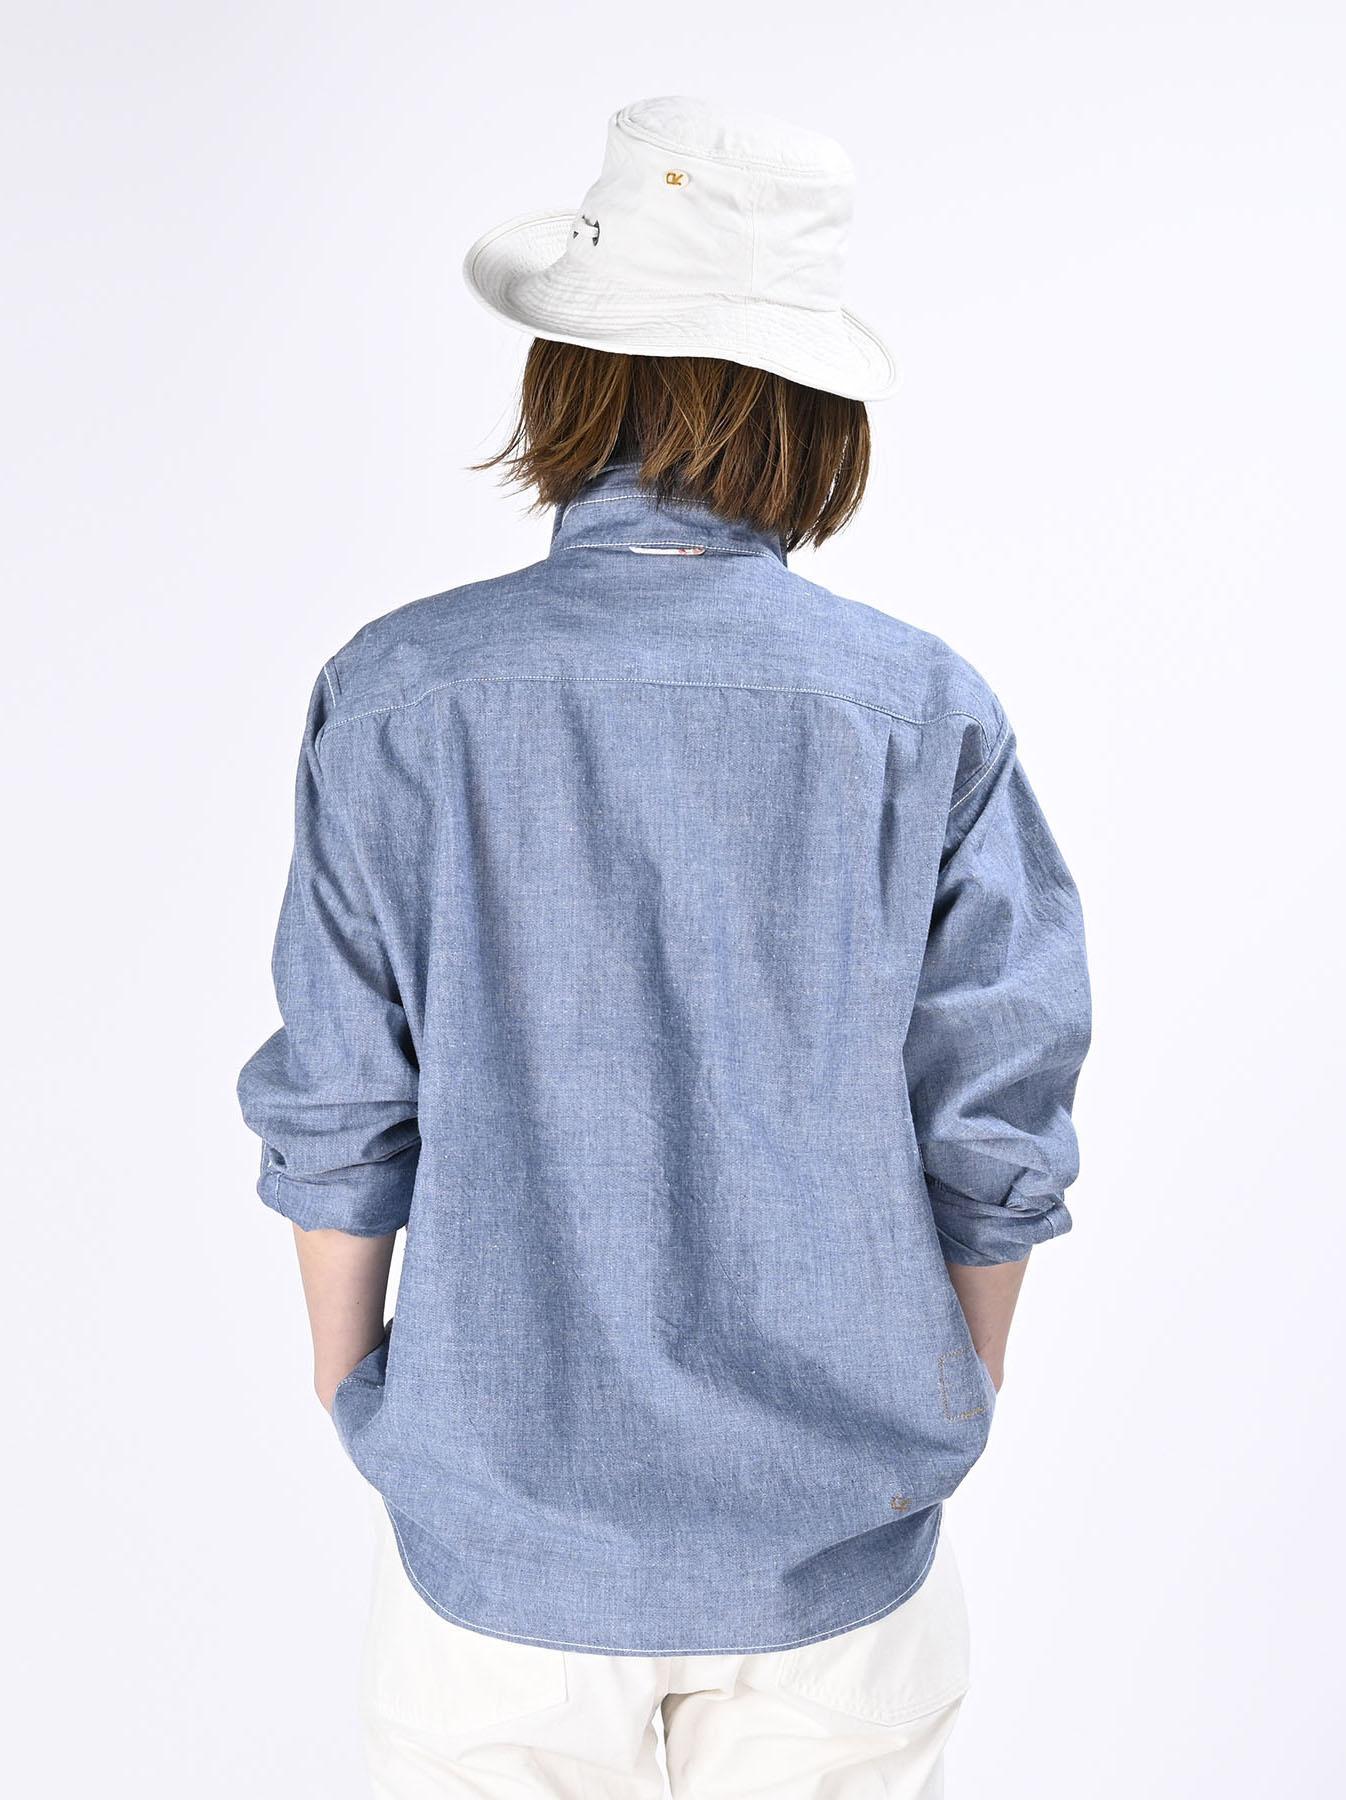 Okome-hira Dungaree 908 Ocean Work Shirt (0621)-9